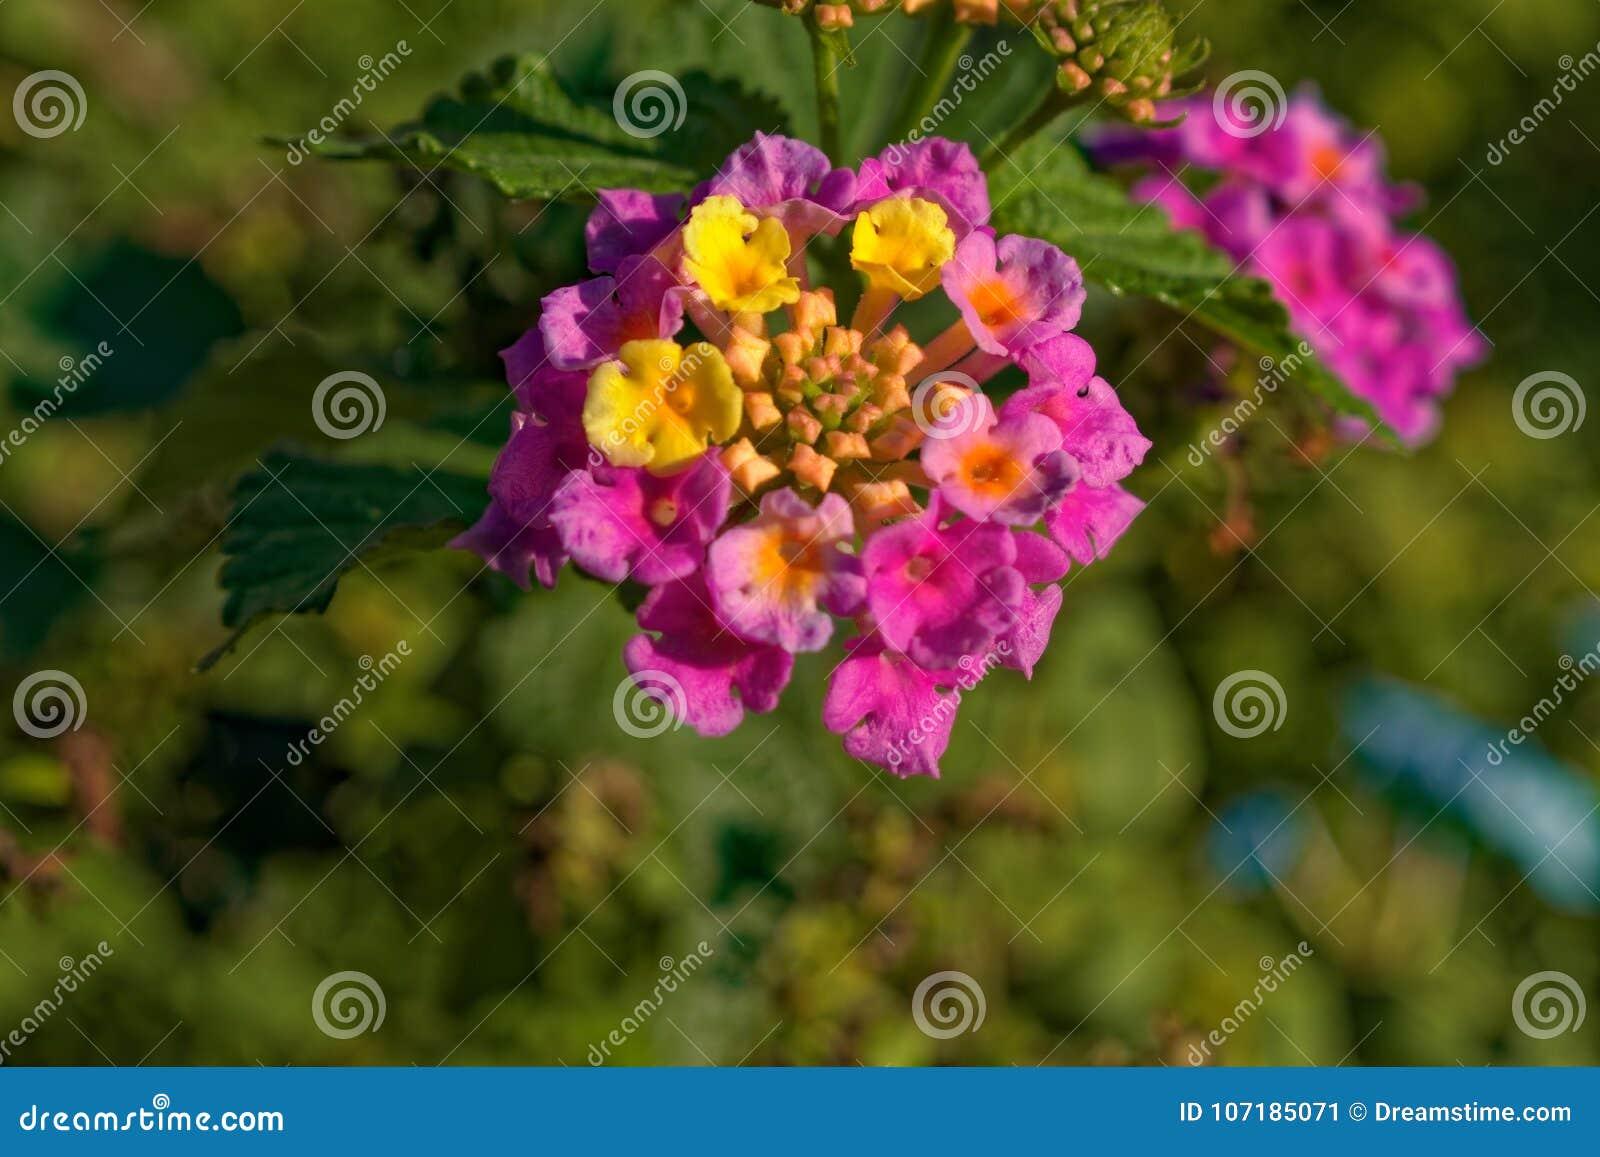 Flor pequena feita das flores menores múltiplas